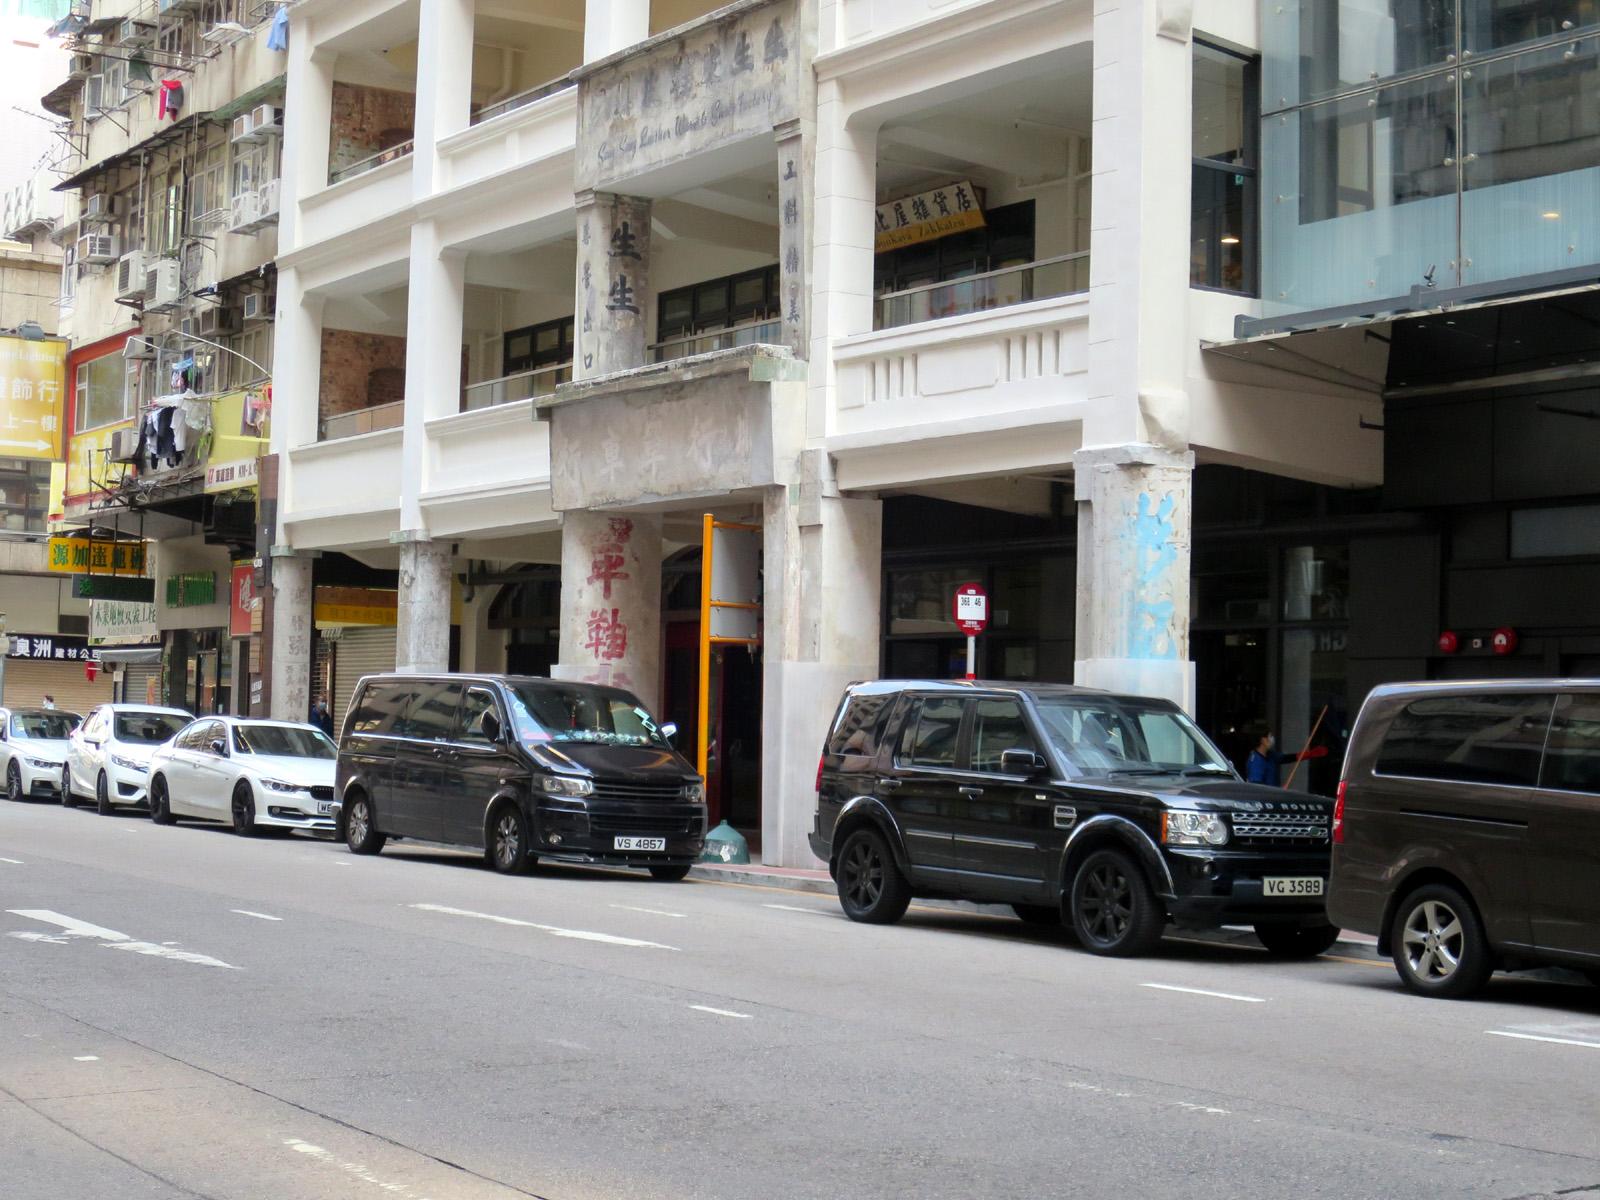 亞皆老街 (上海街)